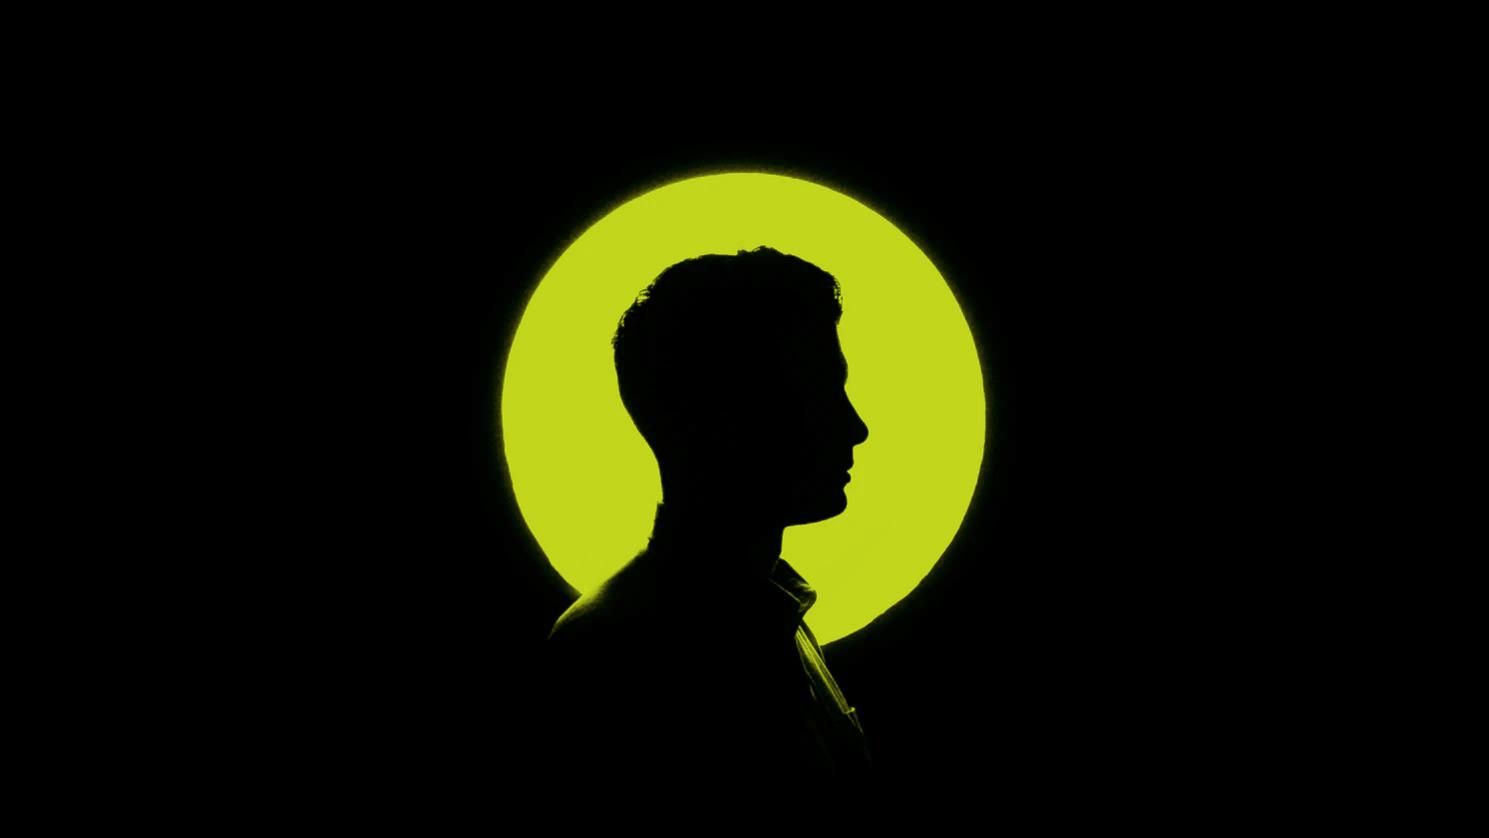 Gesicht im Profil vor grünem runden Licht